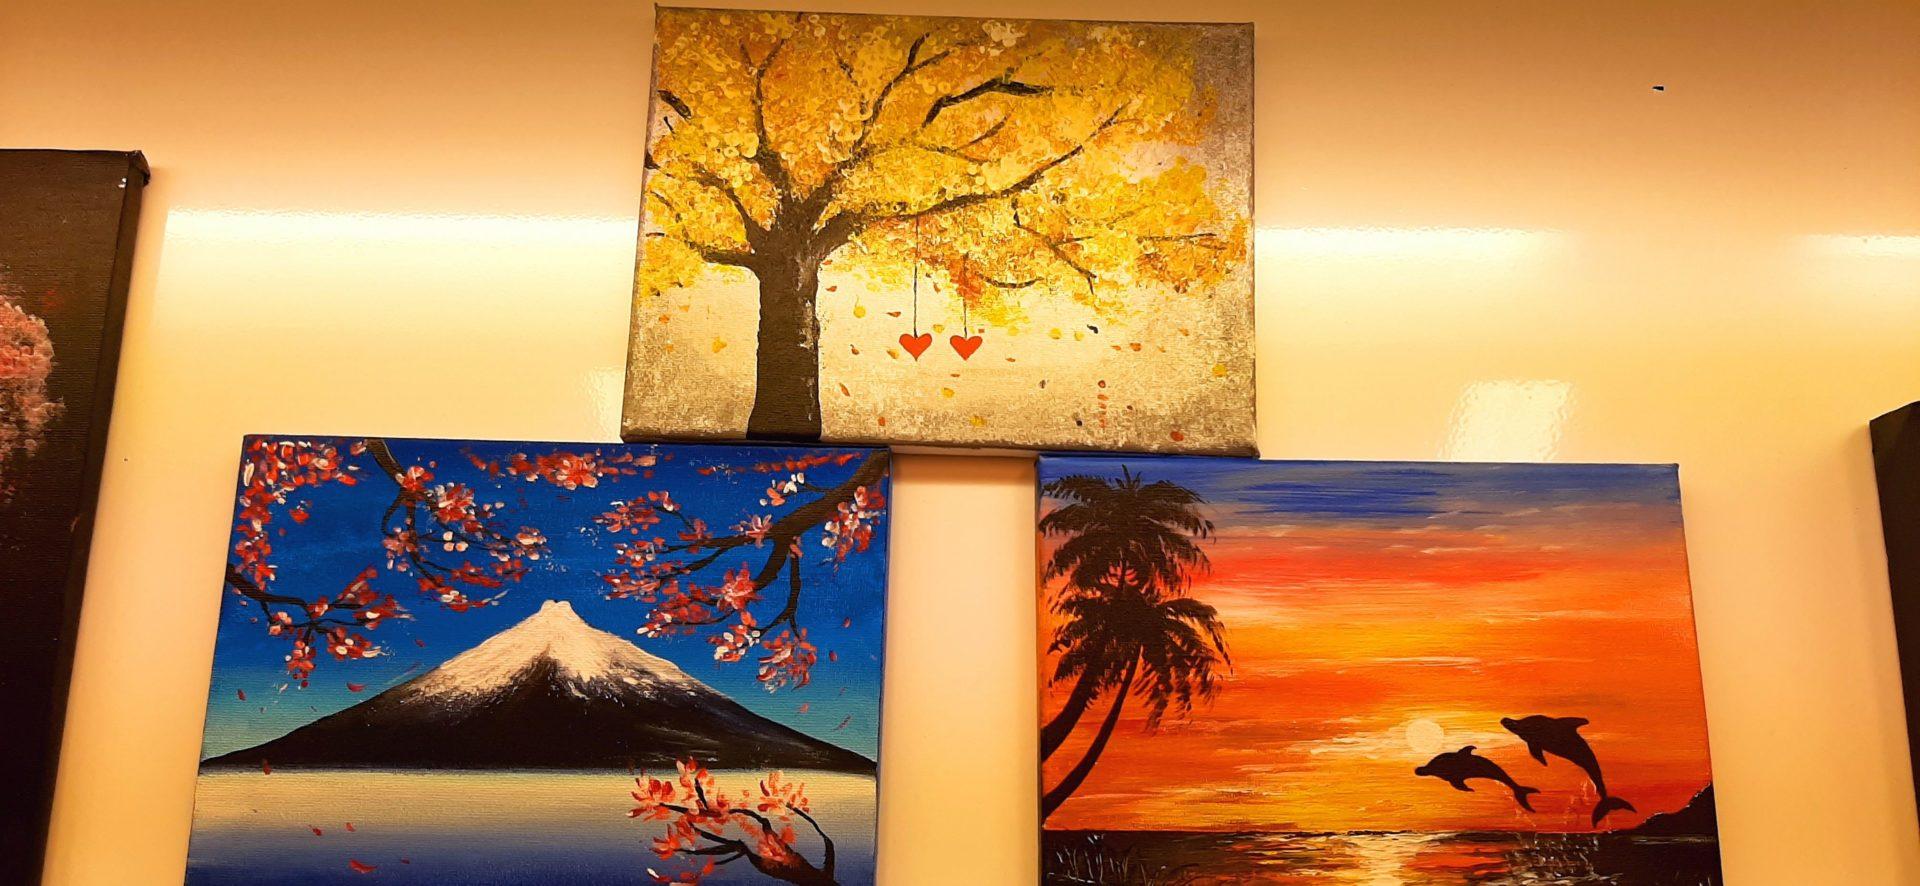 20210920 132326 - Razstava slikarskih del Silvije Strle